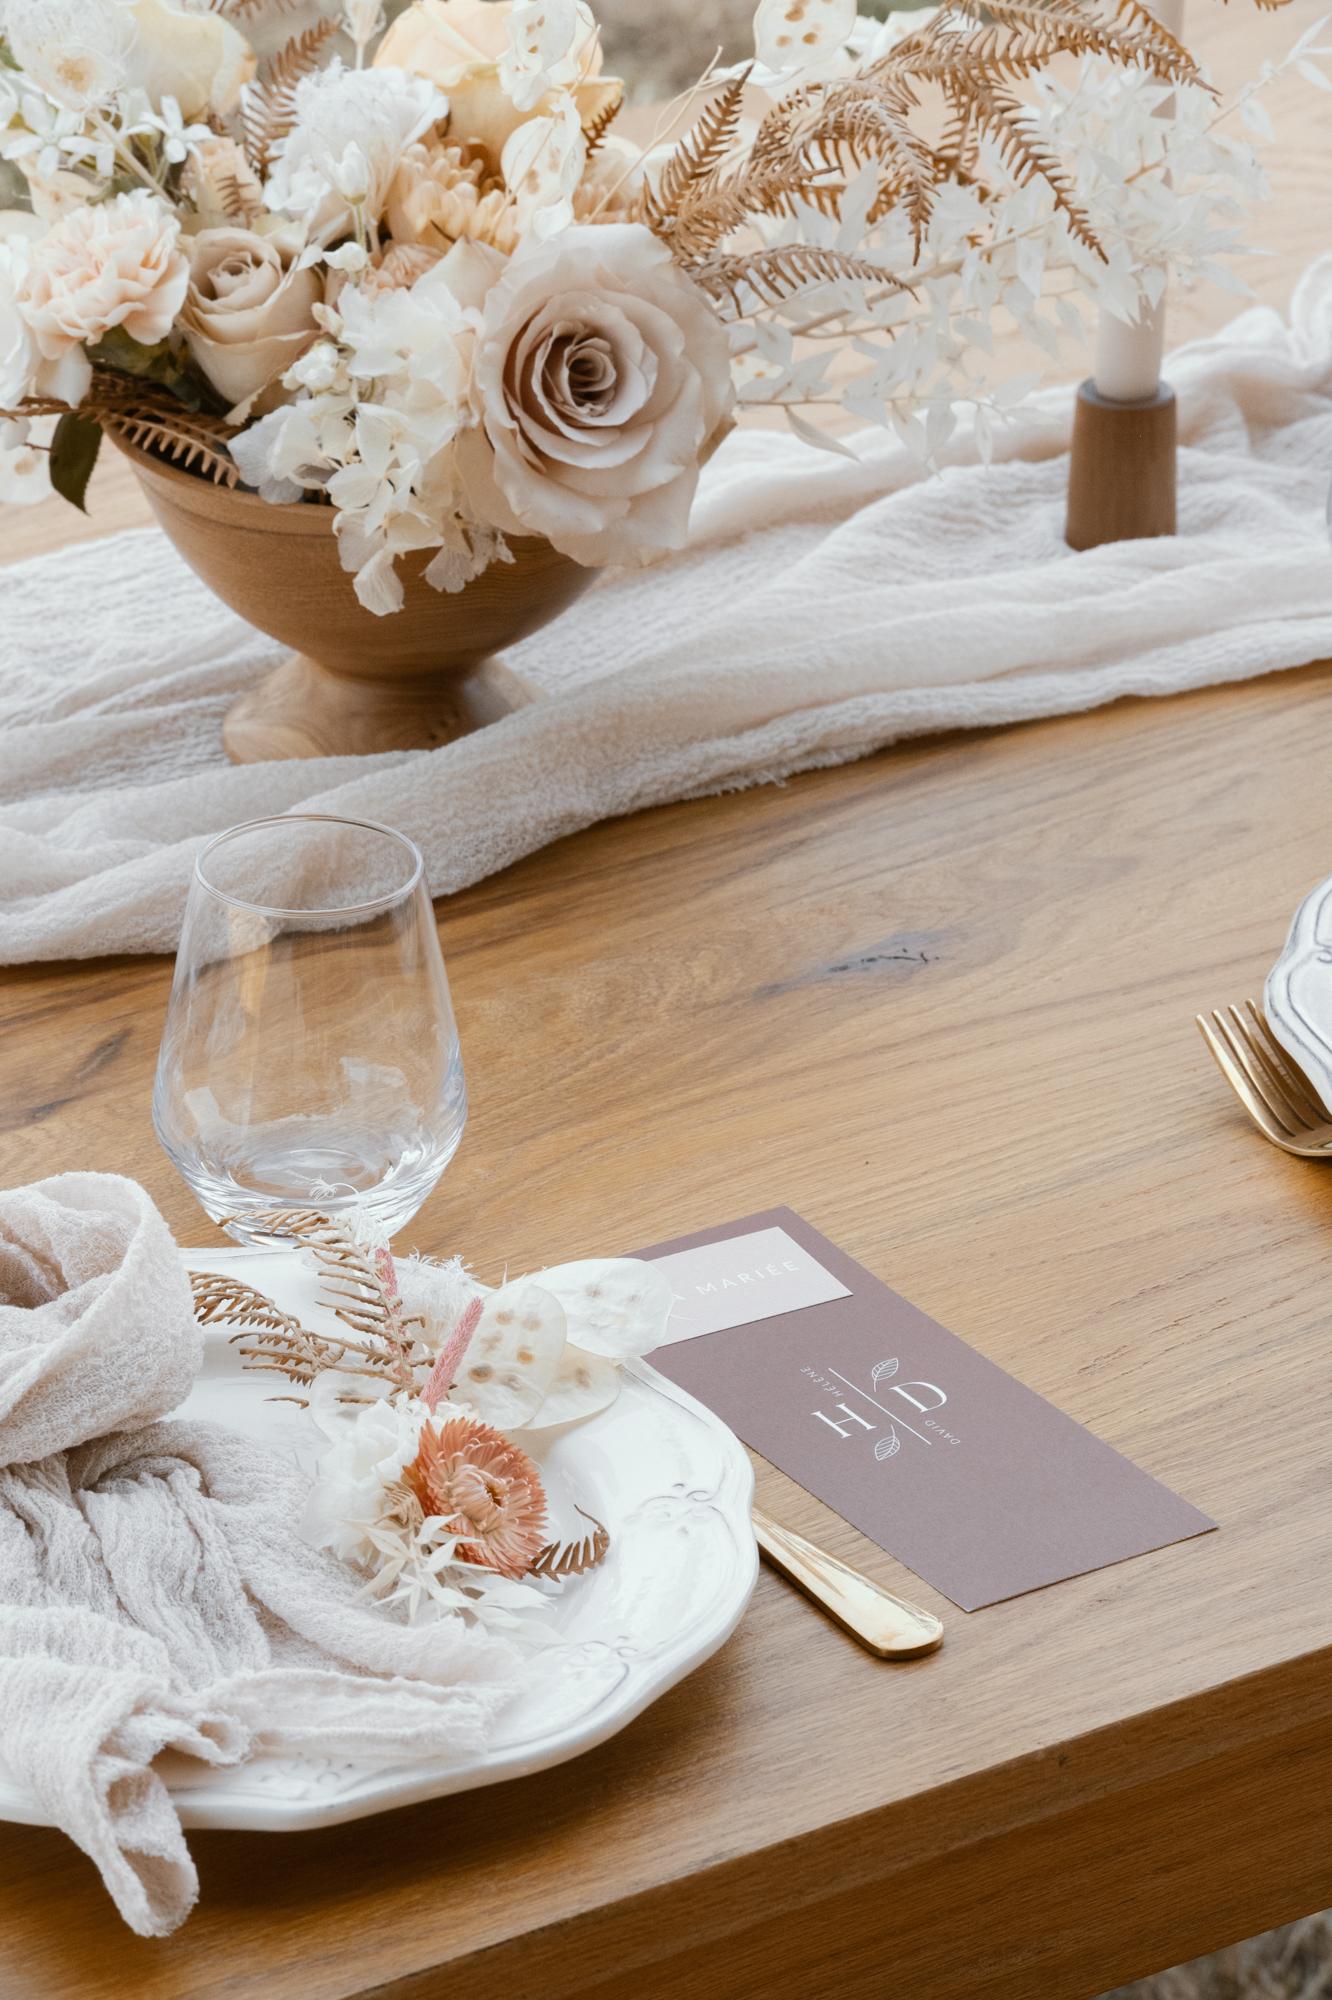 Whimsical soft wedding styling